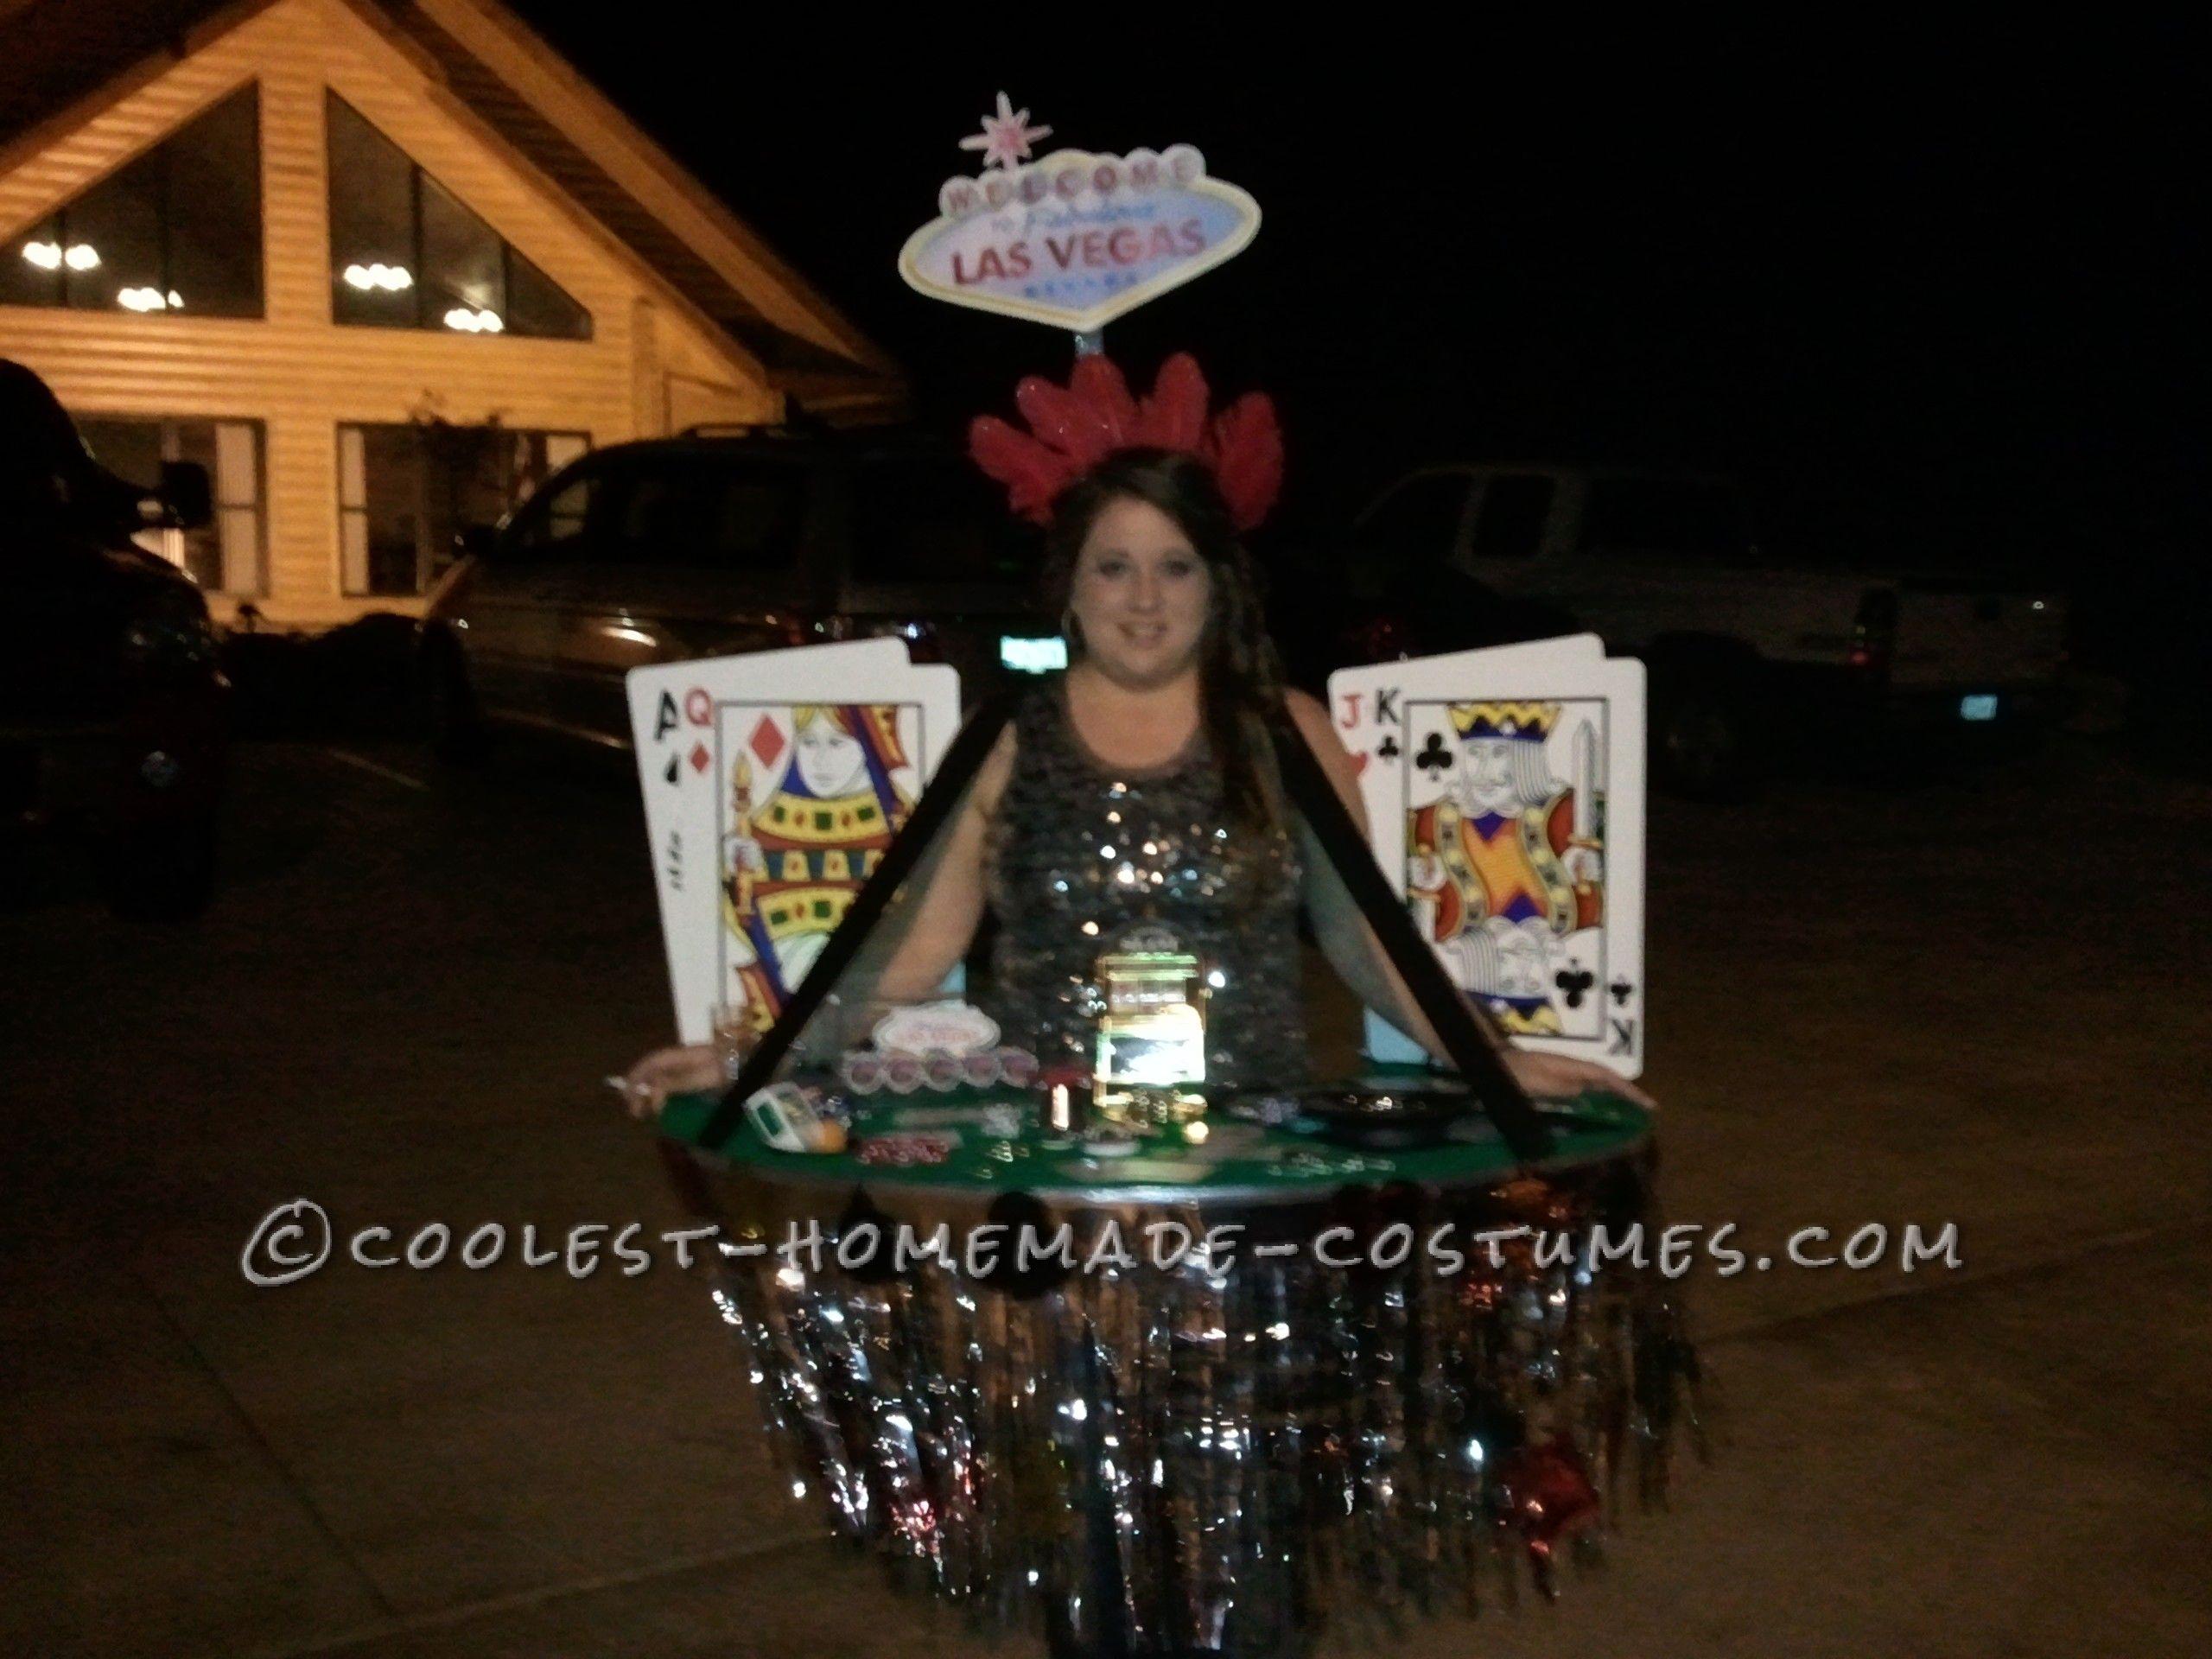 Viva Las Vegas Casino Dealer Costume | Costumes, Las vegas and Las ...